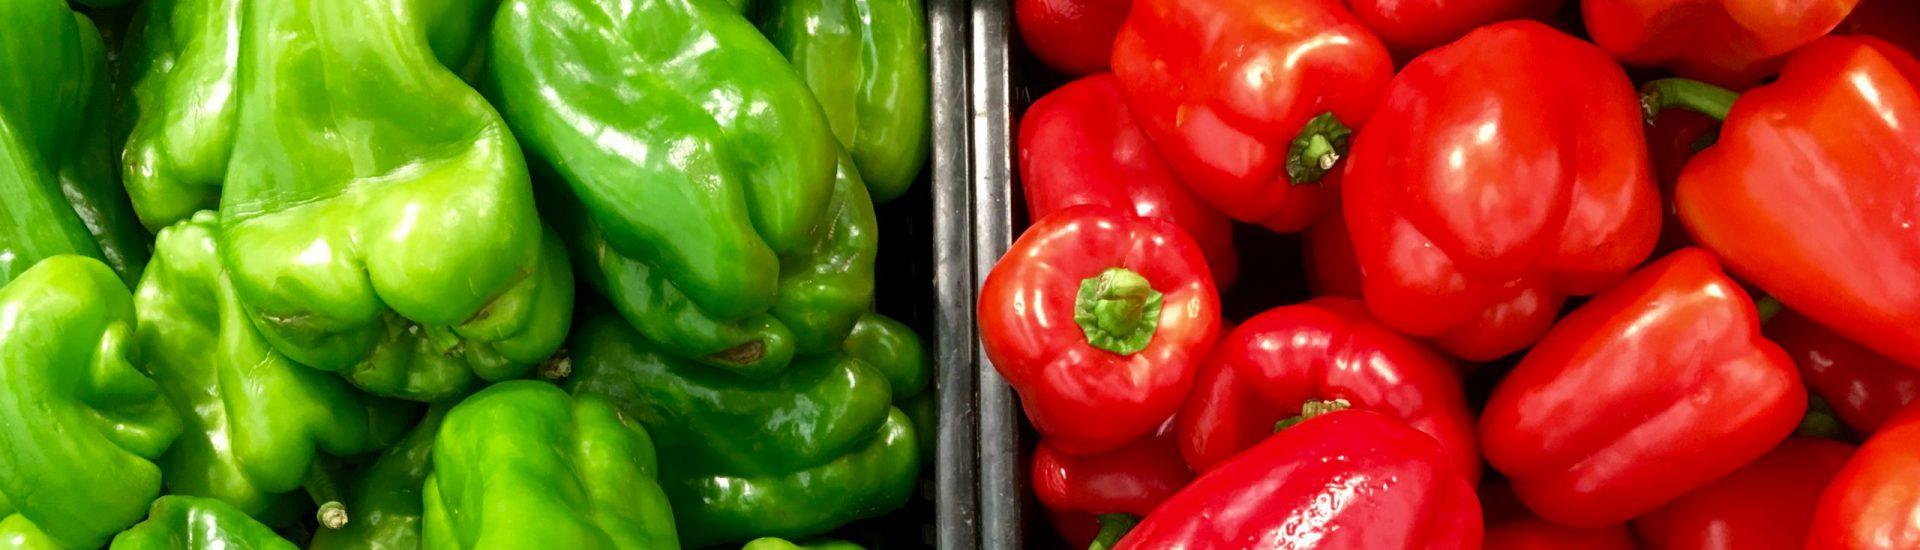 Groene en rode paprika